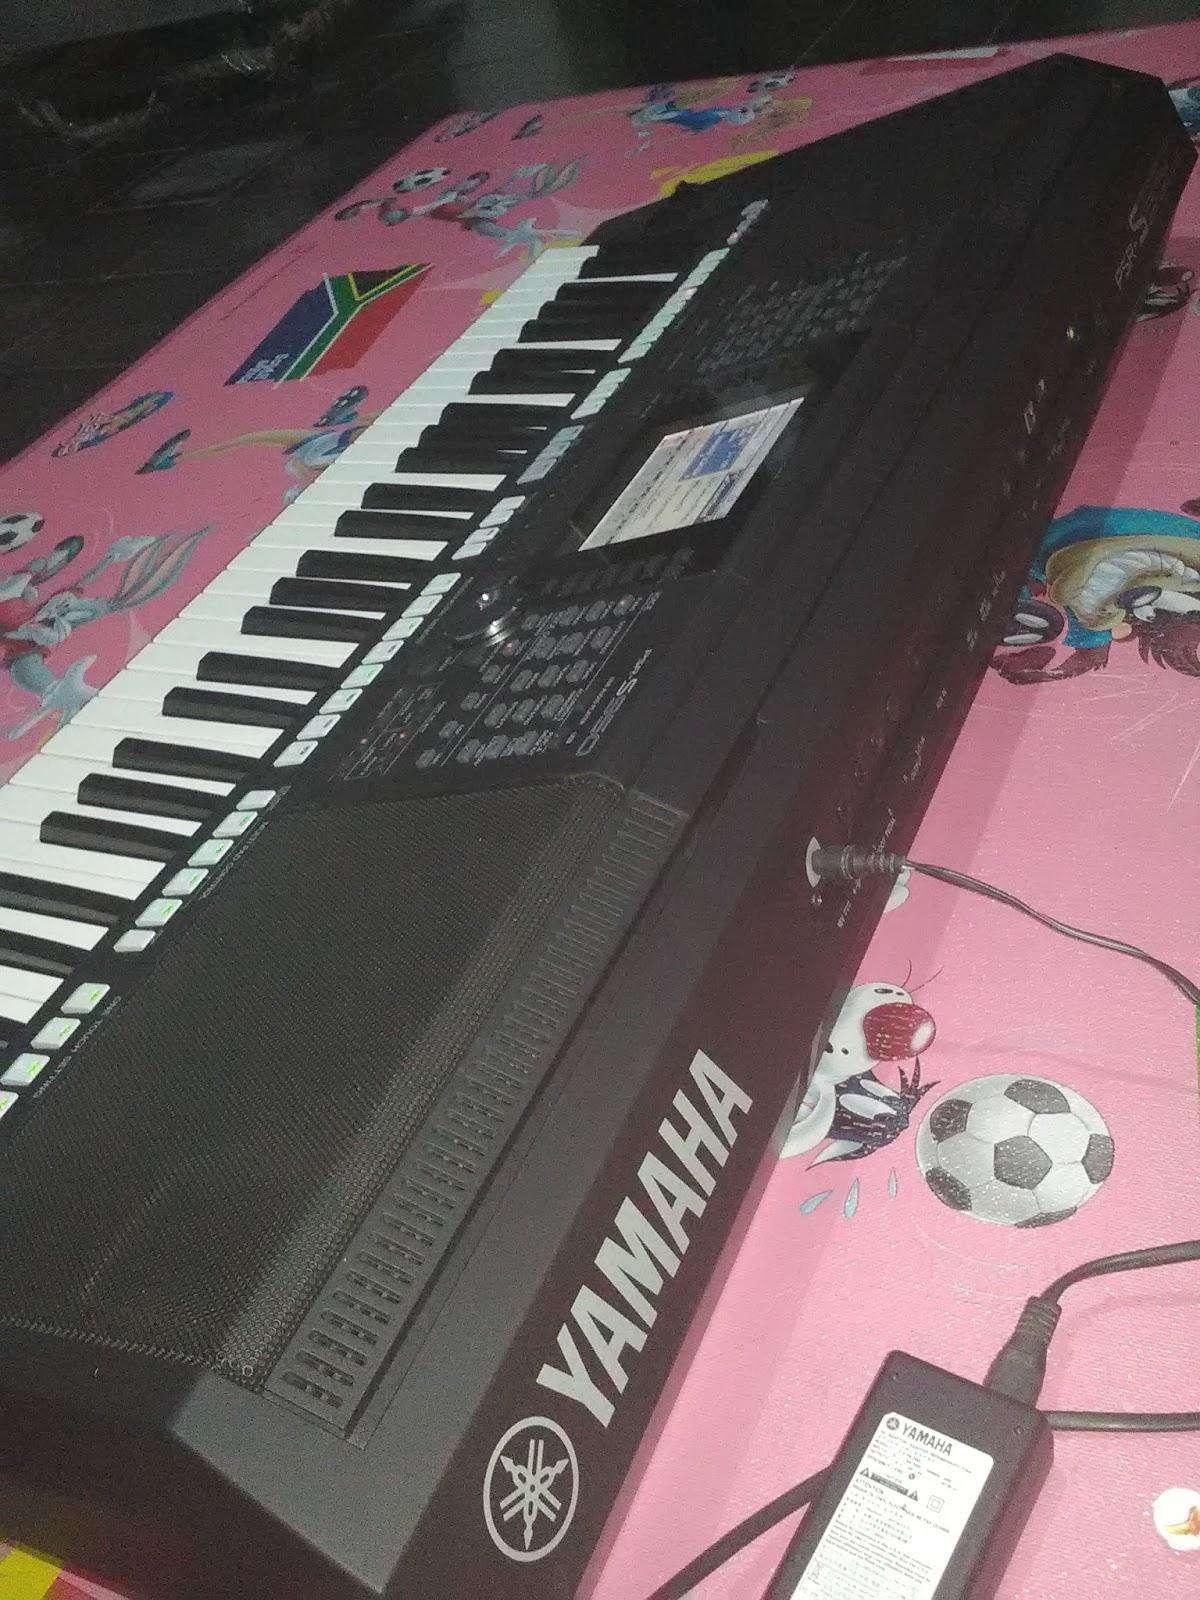 Tore Online Shop Nurrochman S Korek Kuping Nyala Barangkali Ada Yg Minat Keyboard Yamaha Psr S950 Kondisi 97 Mulus Normal Sudah Terinstal Sampling Siap Menghibur Untuk Dirumah Maupun Dipanggung